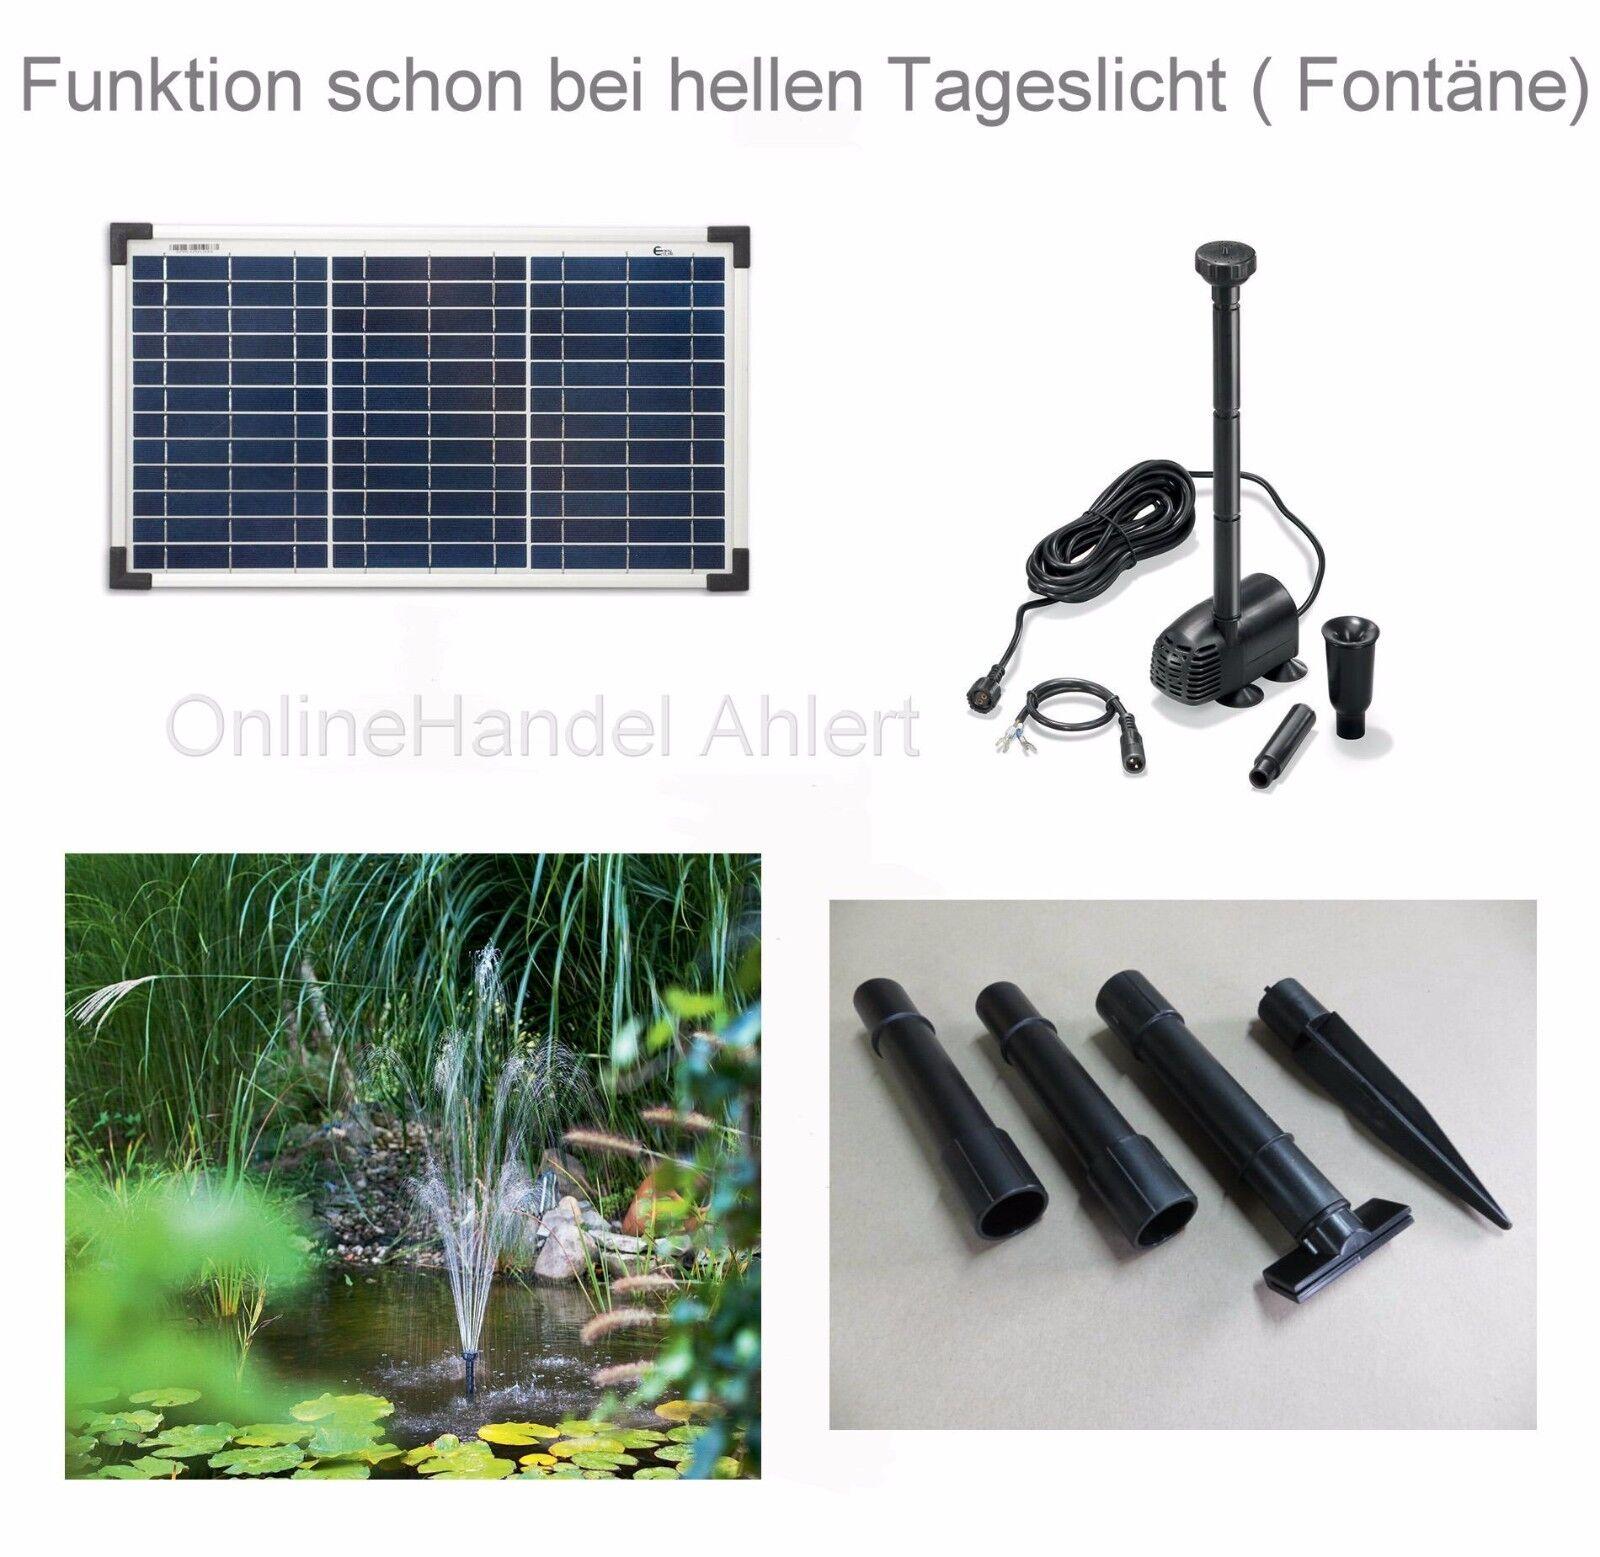 20 W bomba solar estanque solar jardín bomba bomba estanque pumpenset estanque lote de Bach nuevo